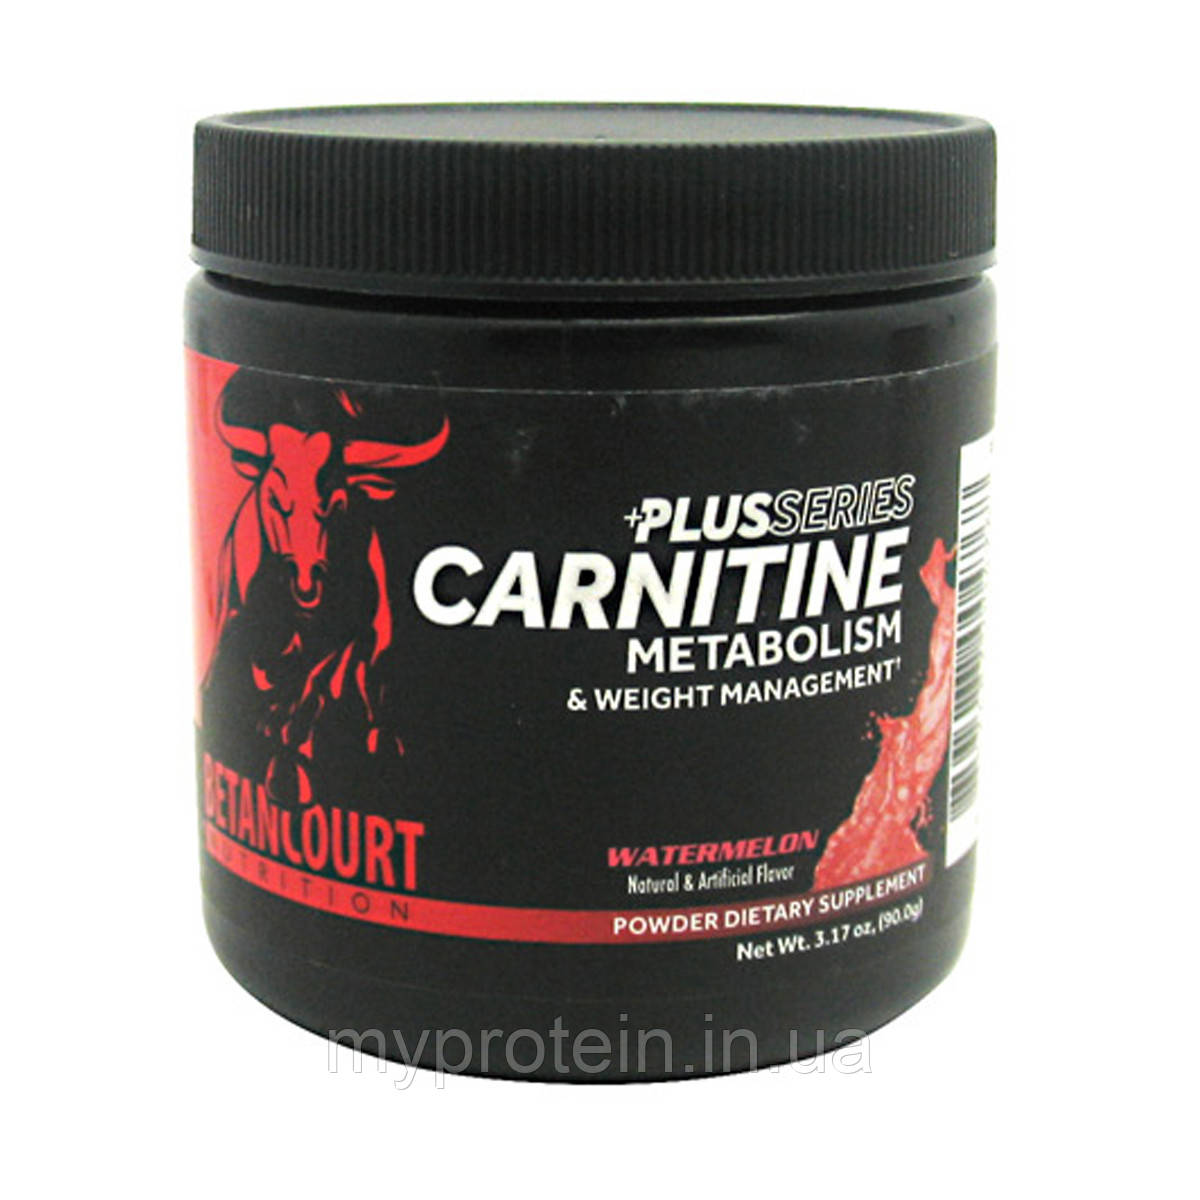 Карнитин Carnitine +plus series (90 g )